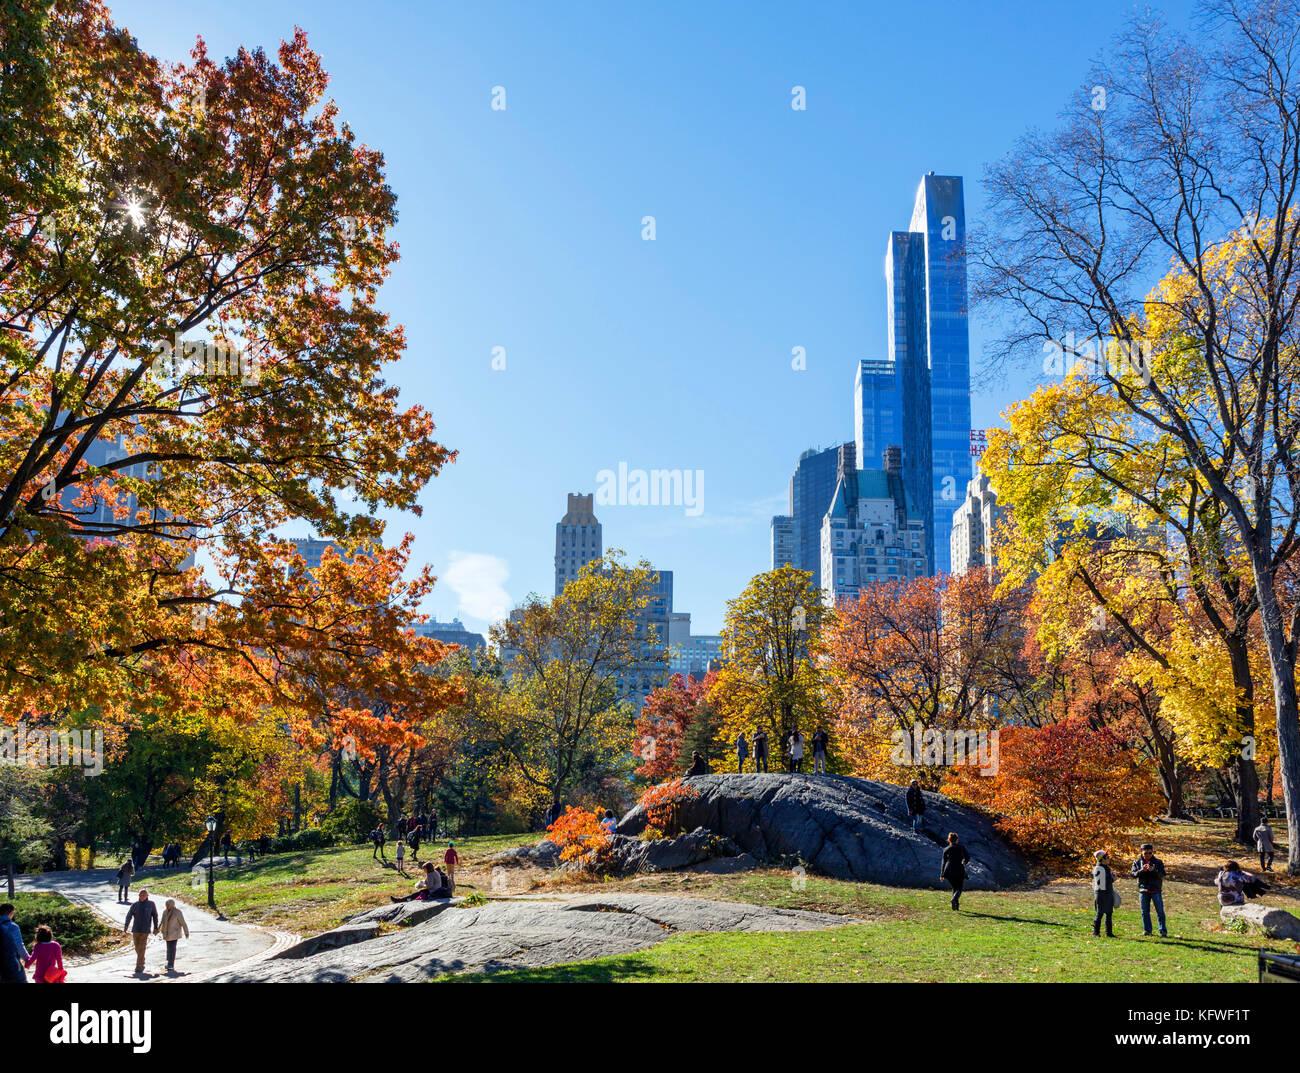 Il Central Park di New York City, guardando verso il Midtown skyline di Manhattan, New York, NY, STATI UNITI D'AMERICA Immagini Stock